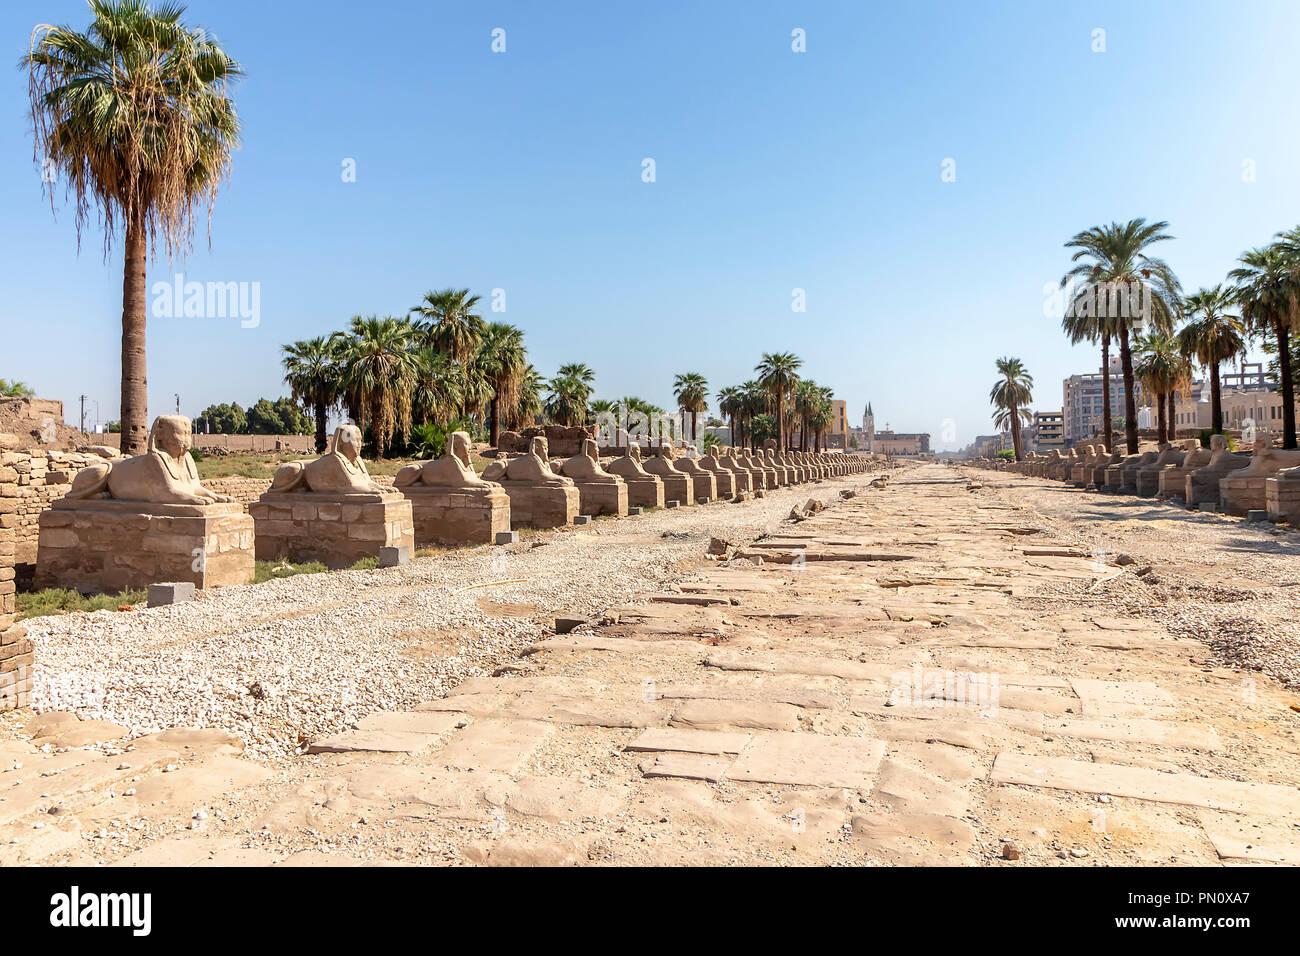 Sphinx road à l'entrée du temple de Louxor, un grand complexe de temples de l'Égypte ancienne située sur la rive est du Nil, dans la ville aujourd'hui connue sous Photo Stock